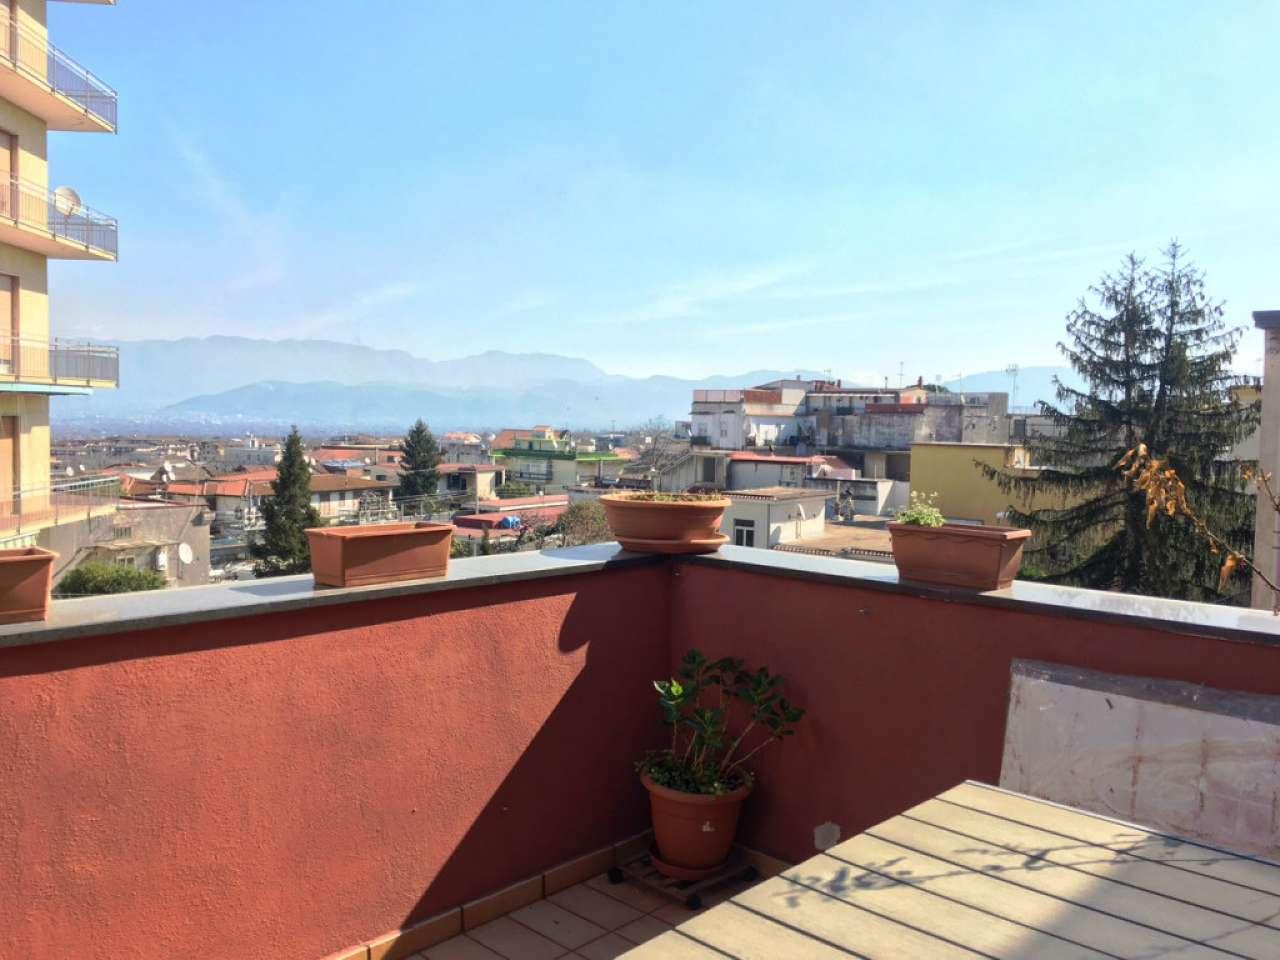 Appartamento in vendita a Somma Vesuviana, 3 locali, Trattative riservate | Cambio Casa.it